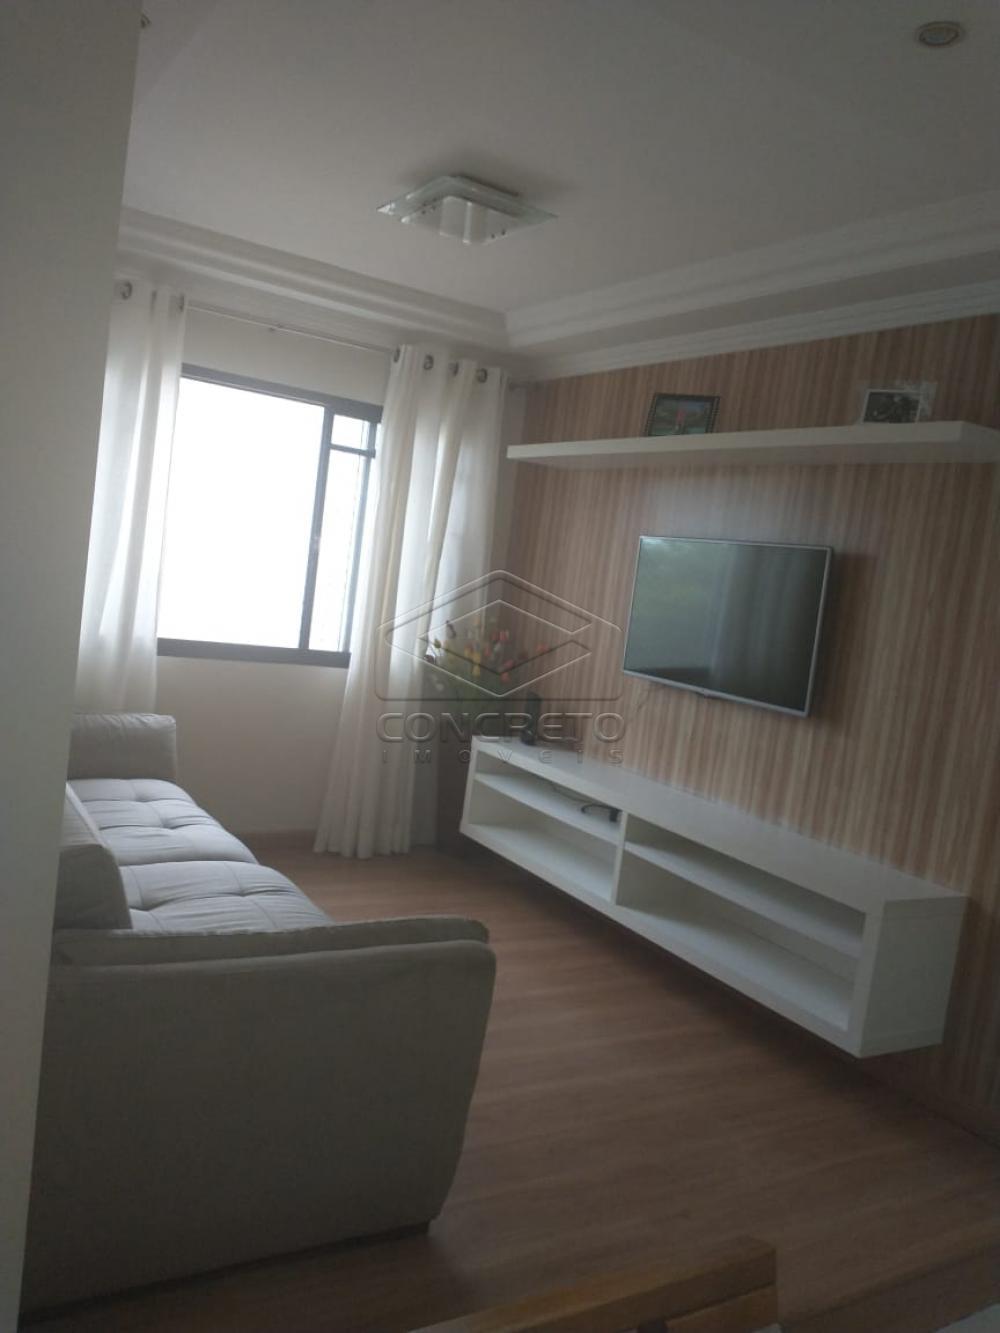 Comprar Apartamento / Padrão em Bauru R$ 230.000,00 - Foto 20